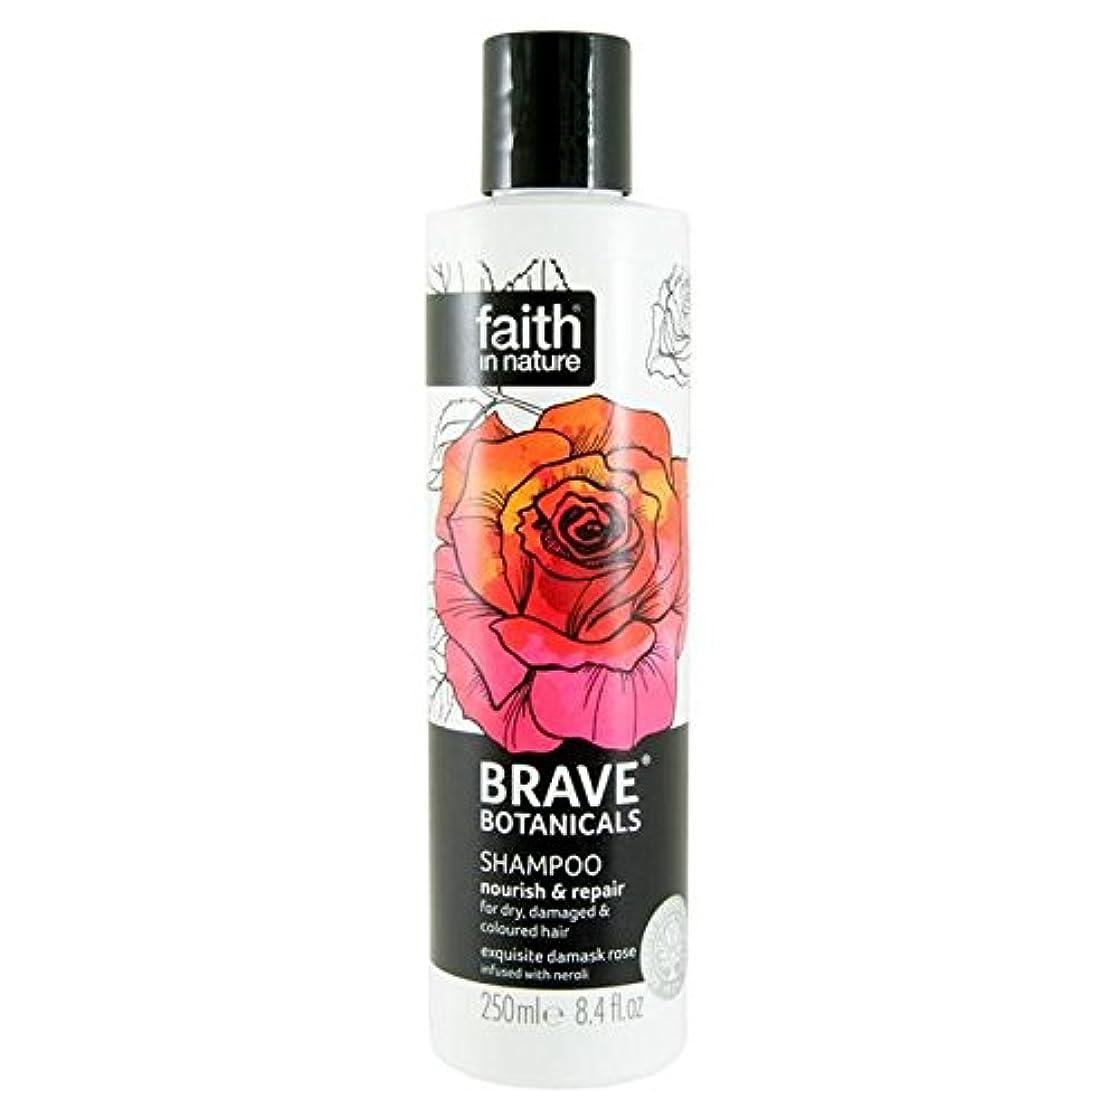 余韻仕方マチュピチュBrave Botanicals Rose & Neroli Nourish & Repair Shampoo 250ml (Pack of 2) - (Faith In Nature) 勇敢な植物は、ローズ&ネロリは養う&リペアシャンプー250Ml (x2) [並行輸入品]